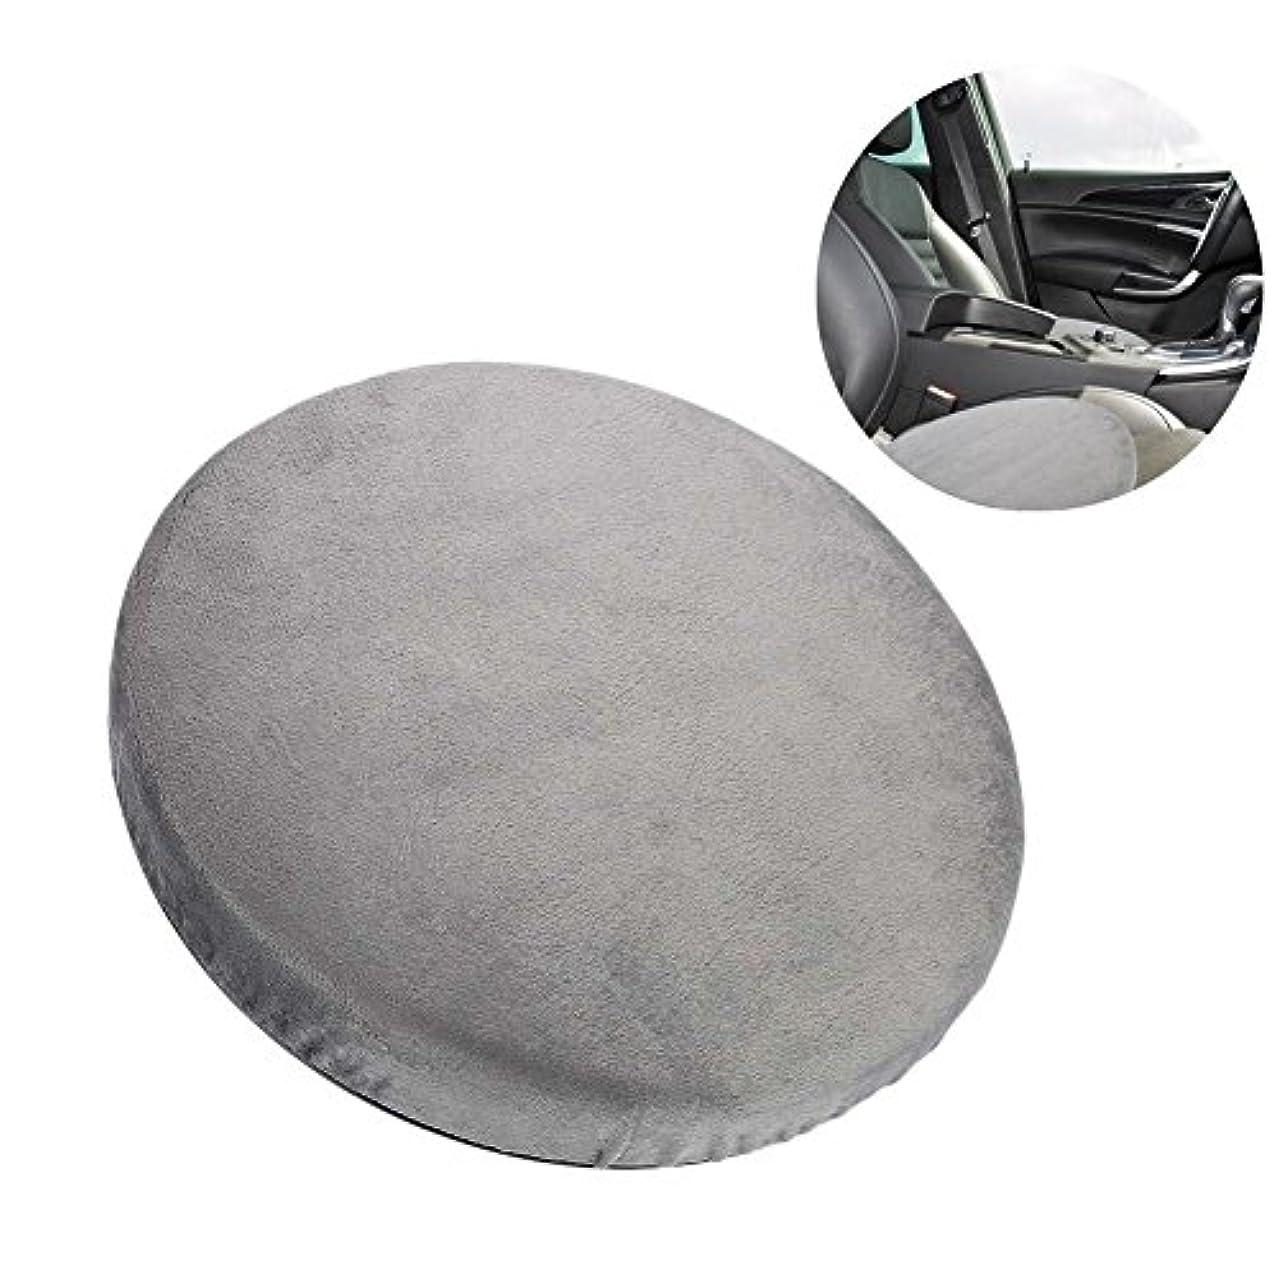 赤道エアコン資産の座席クッション、360°回転クッション車のオフィスおよび家の使用のための滑り止めの回転イスのパッドは腰痛および圧力を取り除く